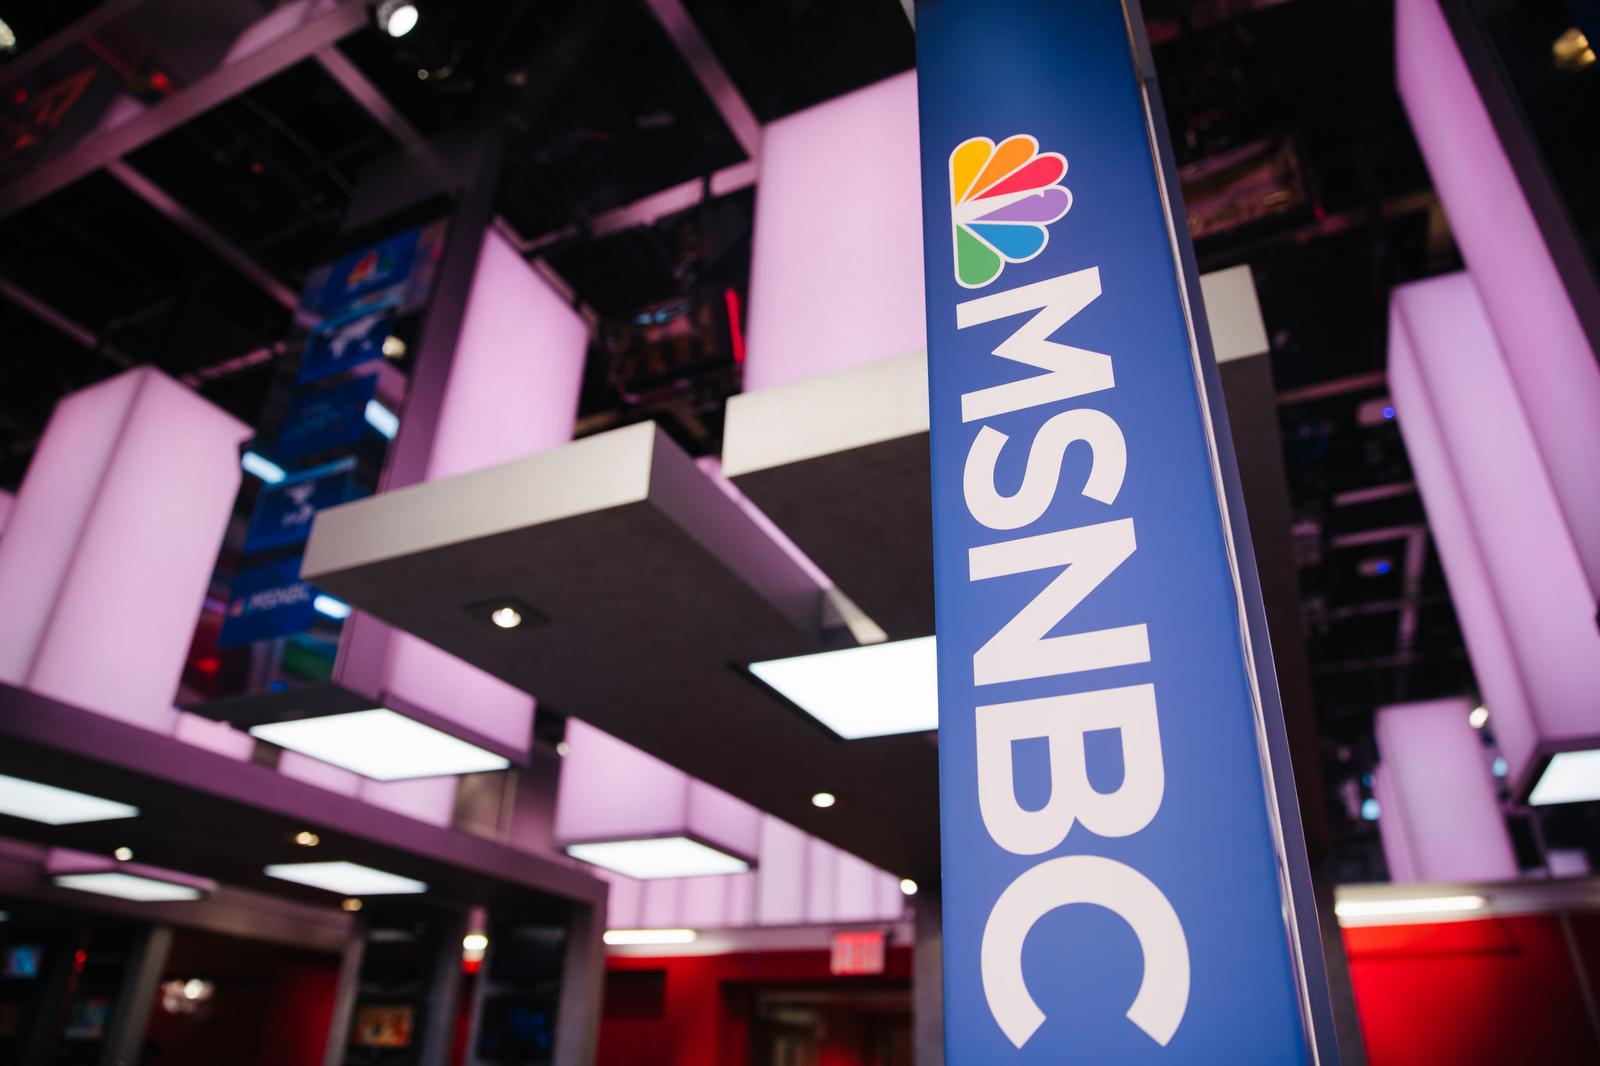 NCS_msnbc_Studio-3A_0011